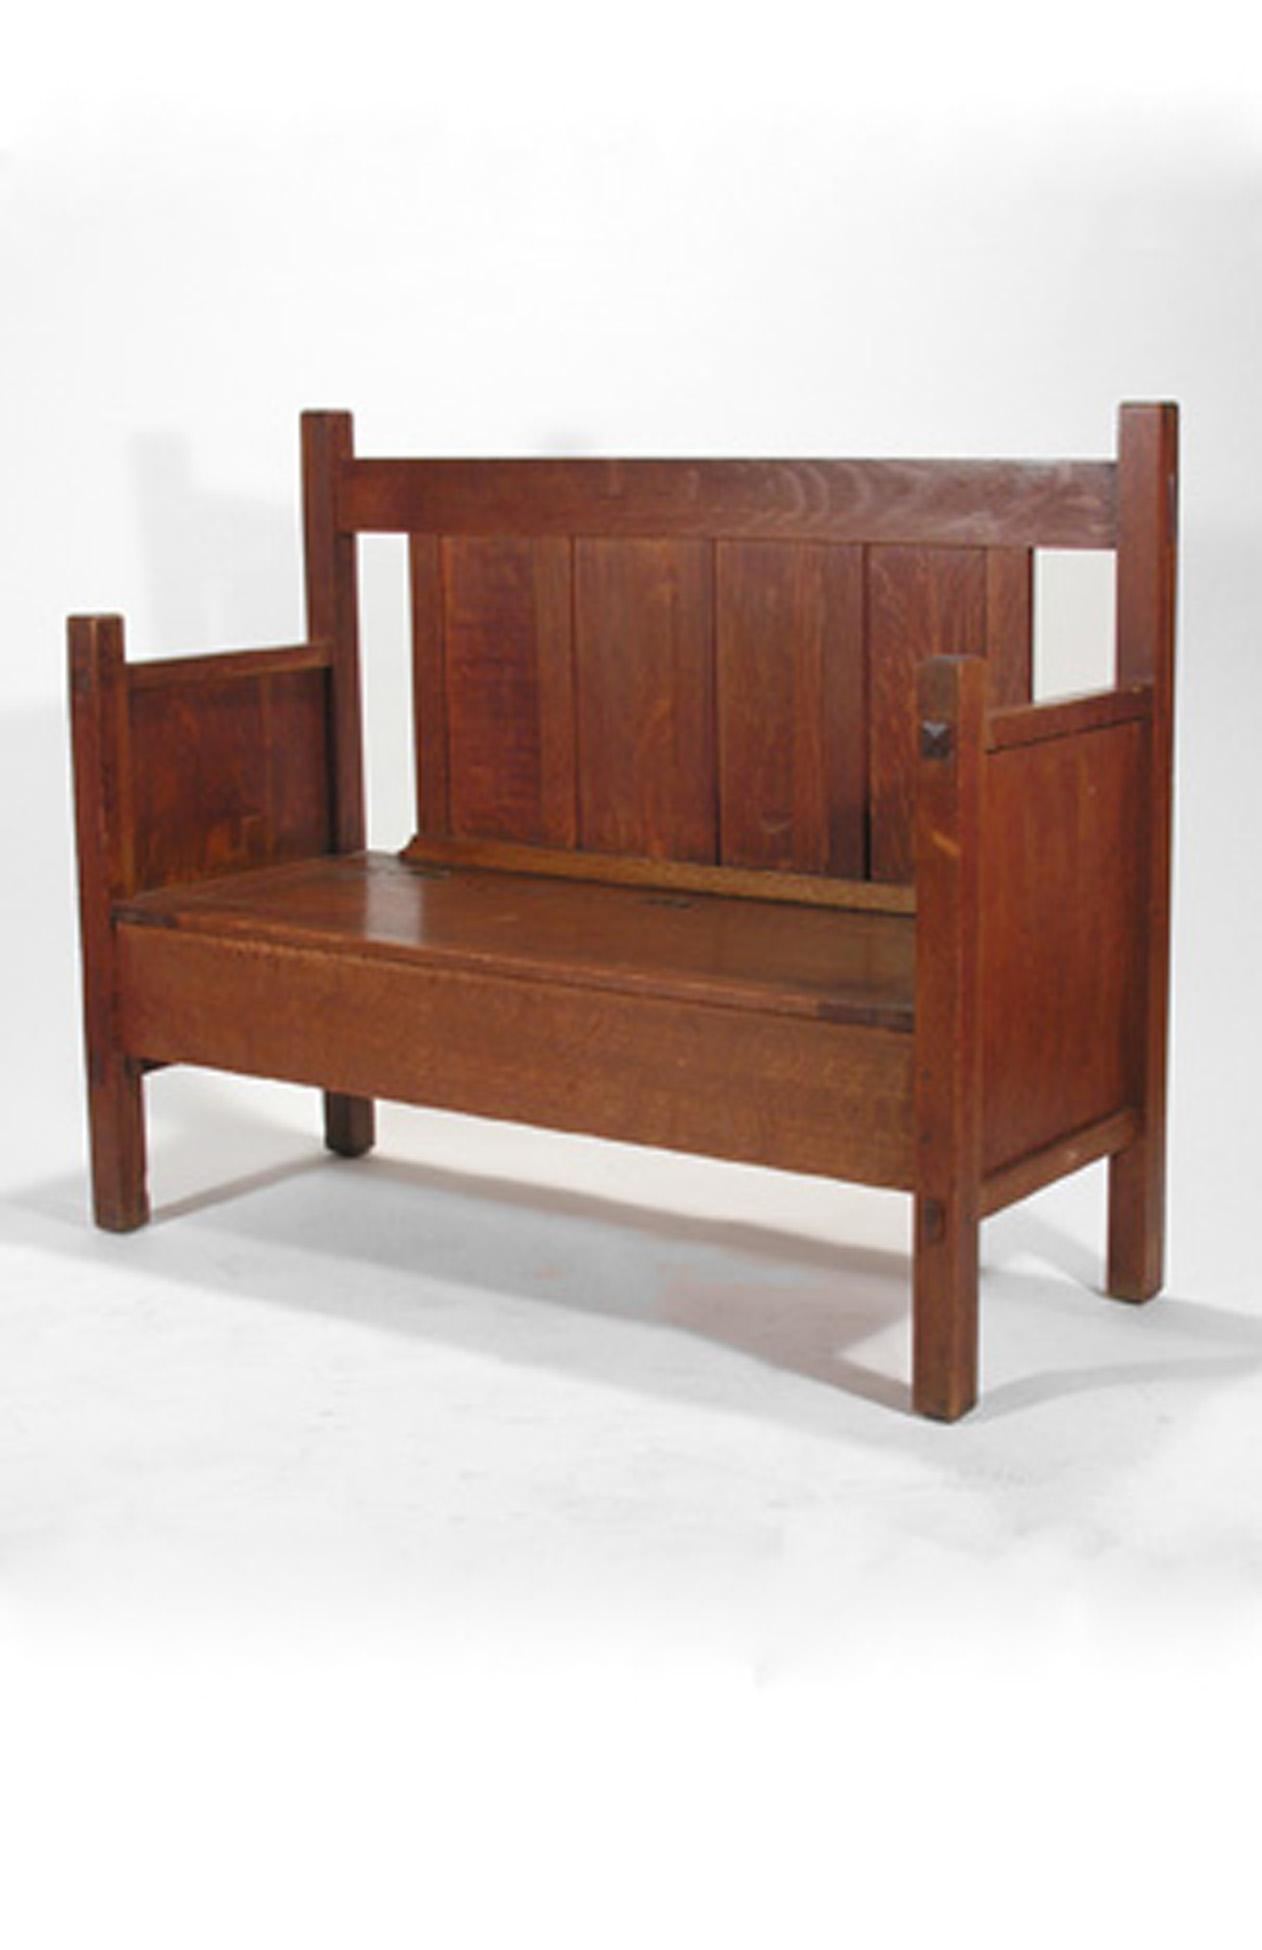 design shop desk signed dining table sold cherry stickley leaves craftsman set